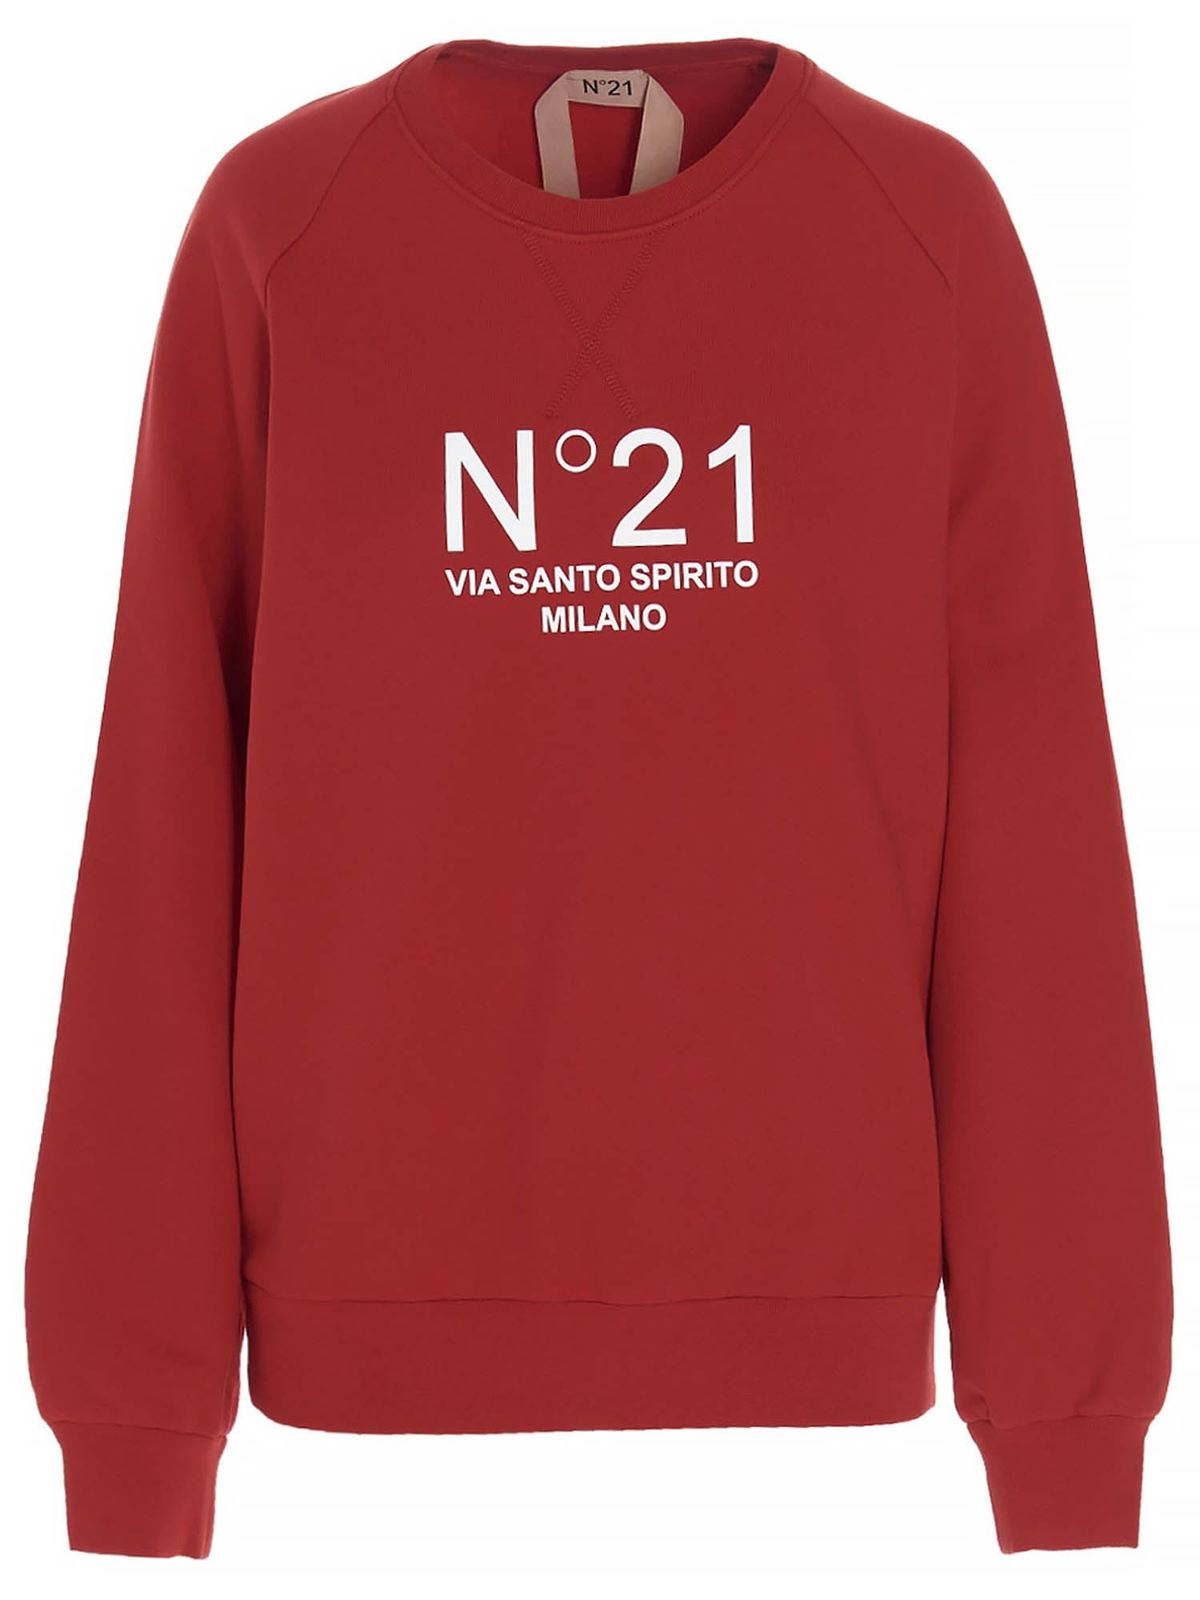 N°21 CONTRASTING LOGO PRINT SWEATSHIRT IN RED